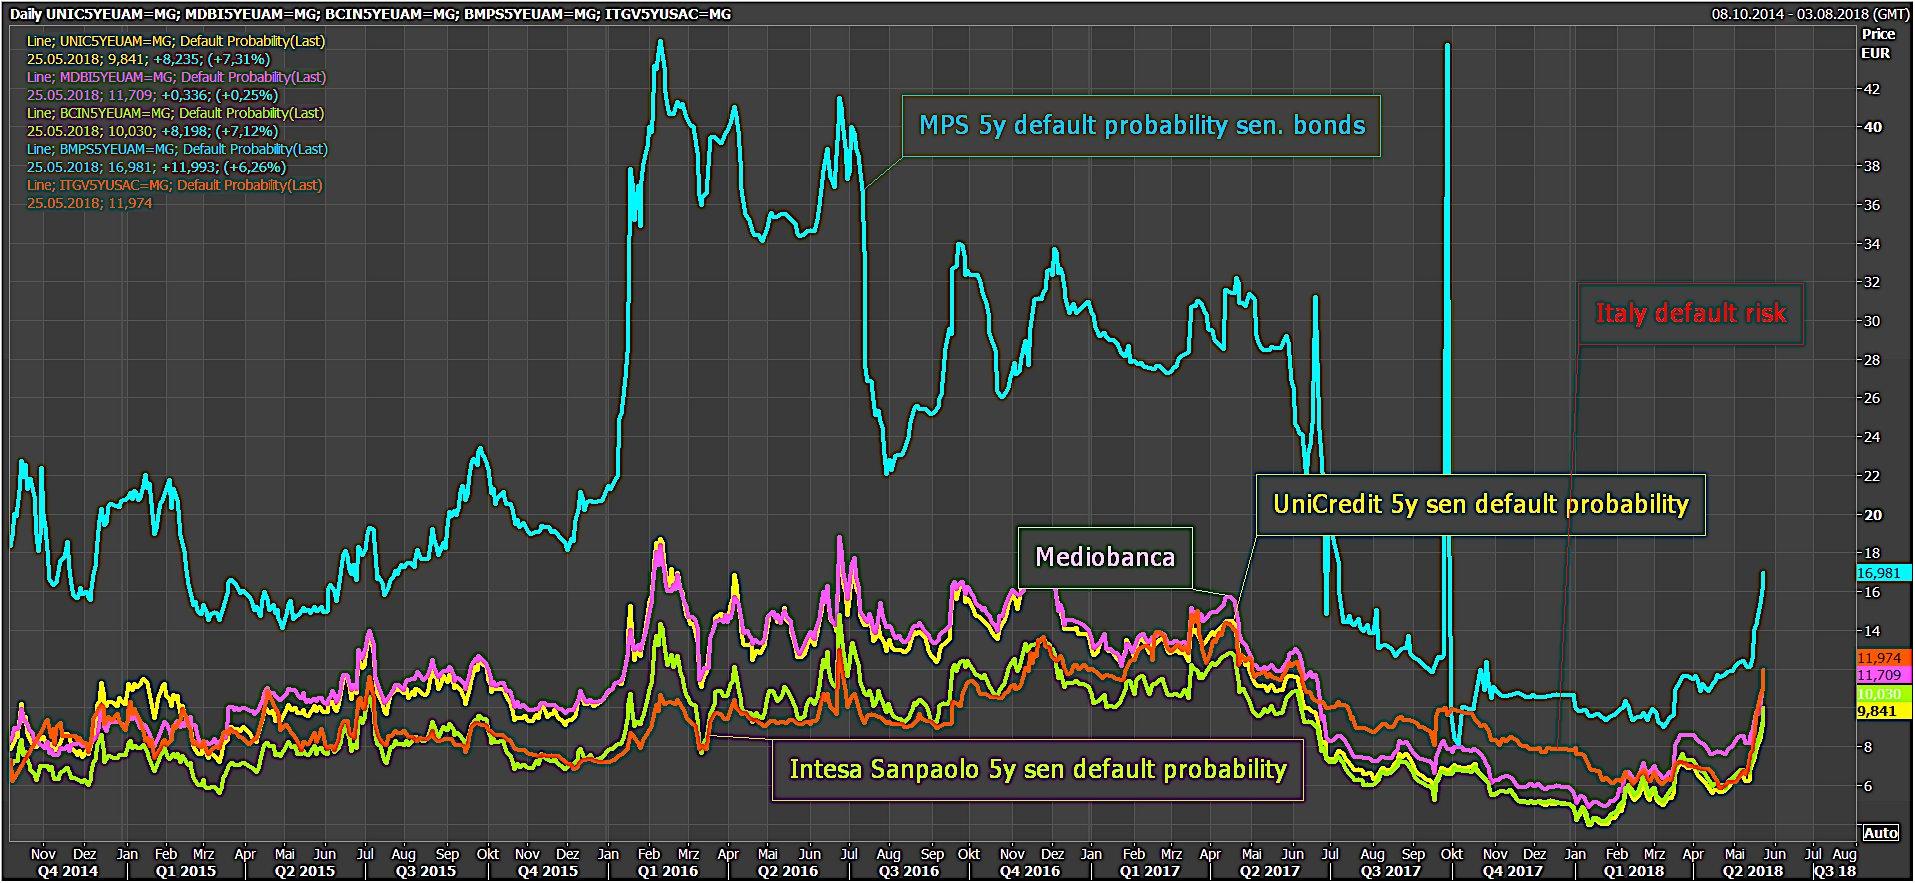 Warning: La probabilité de défaut à 5 ans des banques italiennes a fortement bondi !!